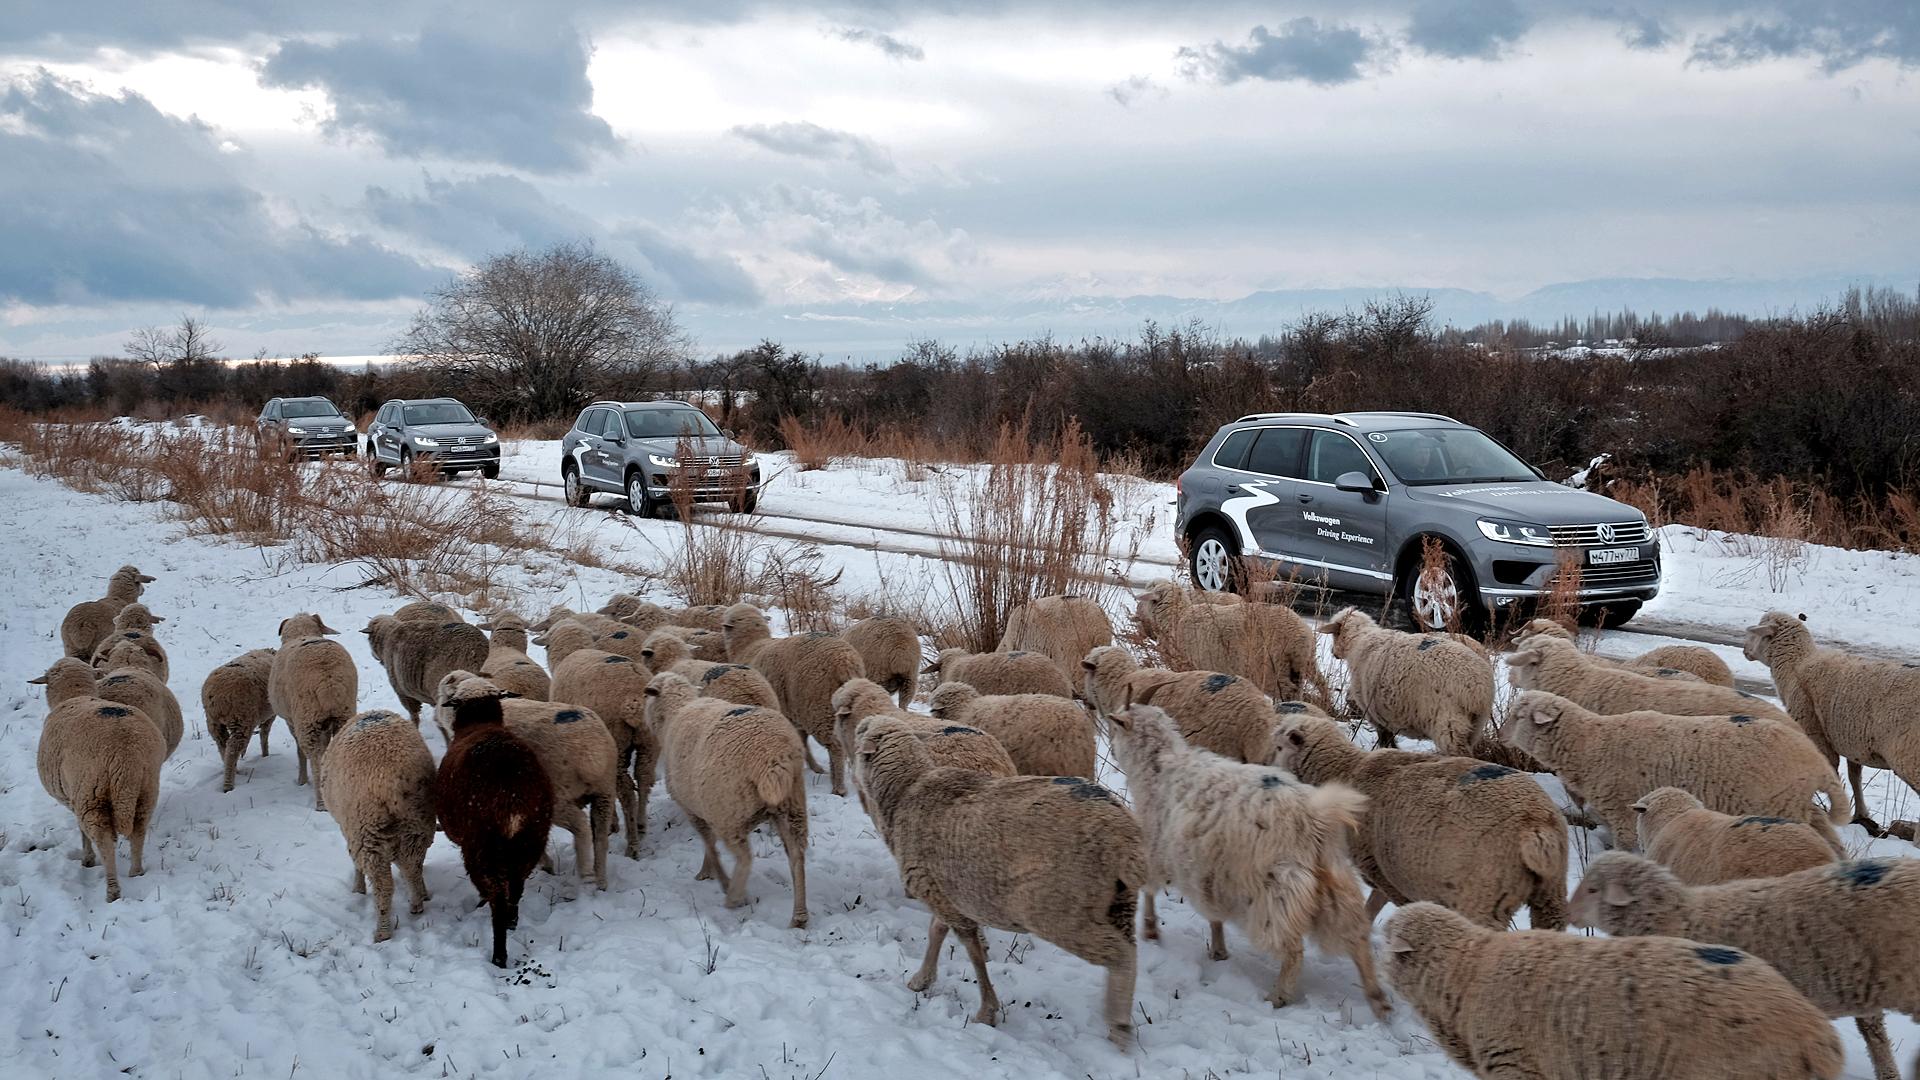 Зачем ехать в Киргизию, и почему VW Touareg неплохо подходит для этой авантюры. Фото 3